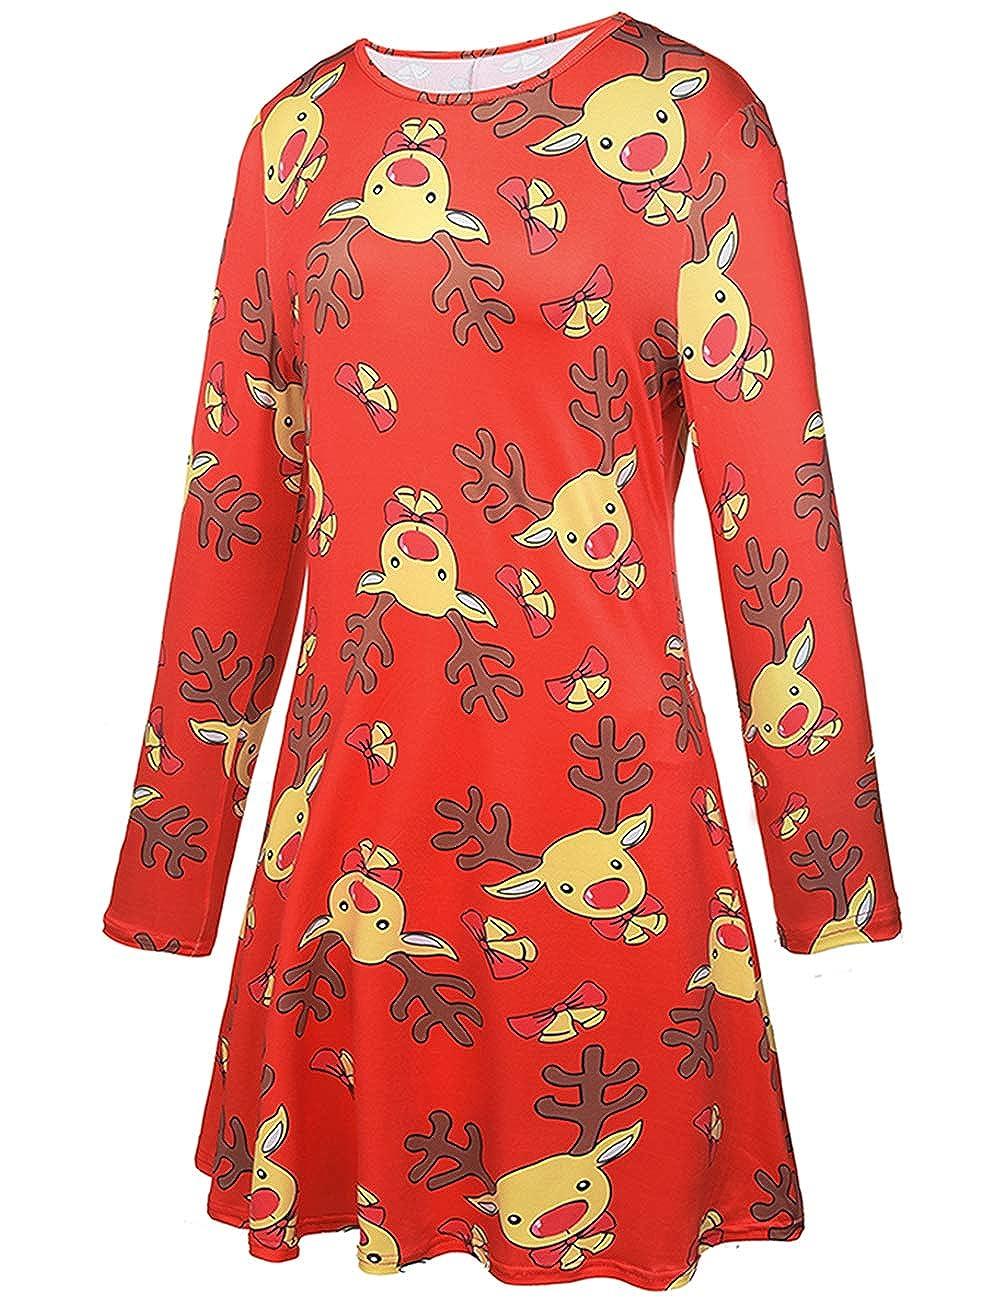 Ruiyige Vestido de Navidad de Las Mujeres Copos de Nieve Encantadora Reno Vestido de Estampado de Santa Rojo 2XL: Amazon.es: Ropa y accesorios